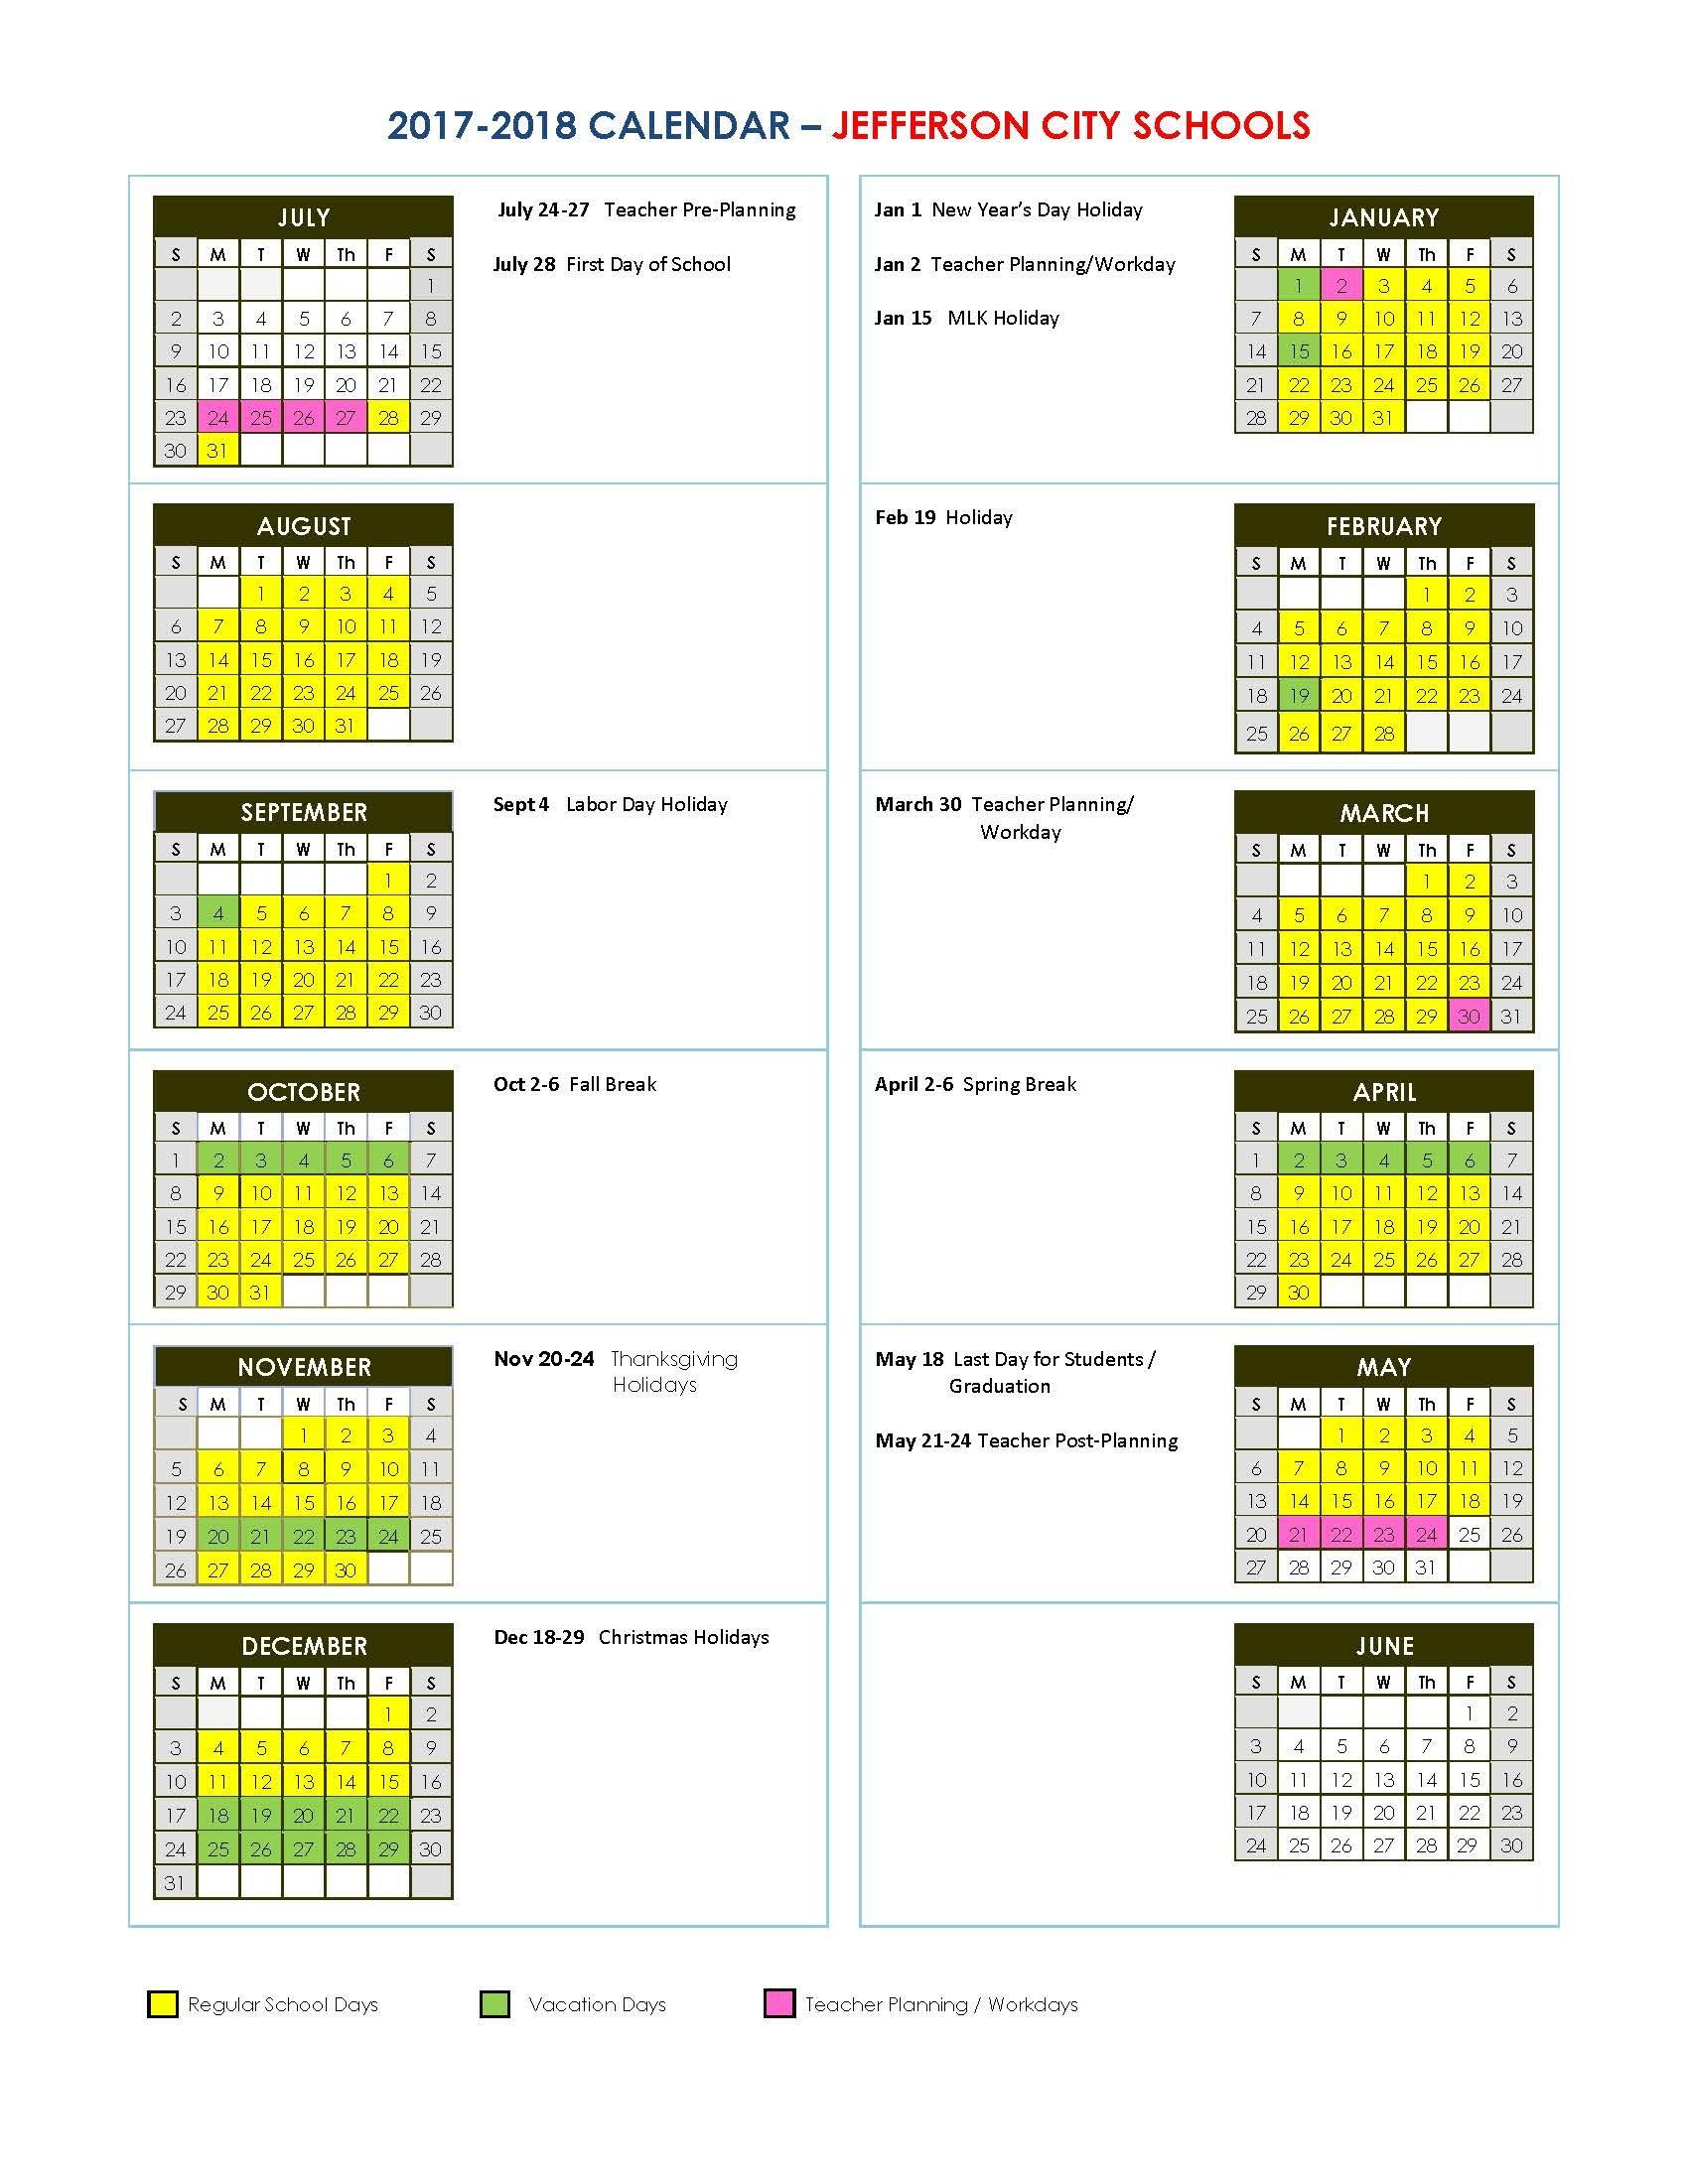 Jefferson City Schools Gwinnett County School Calendar 2019 20